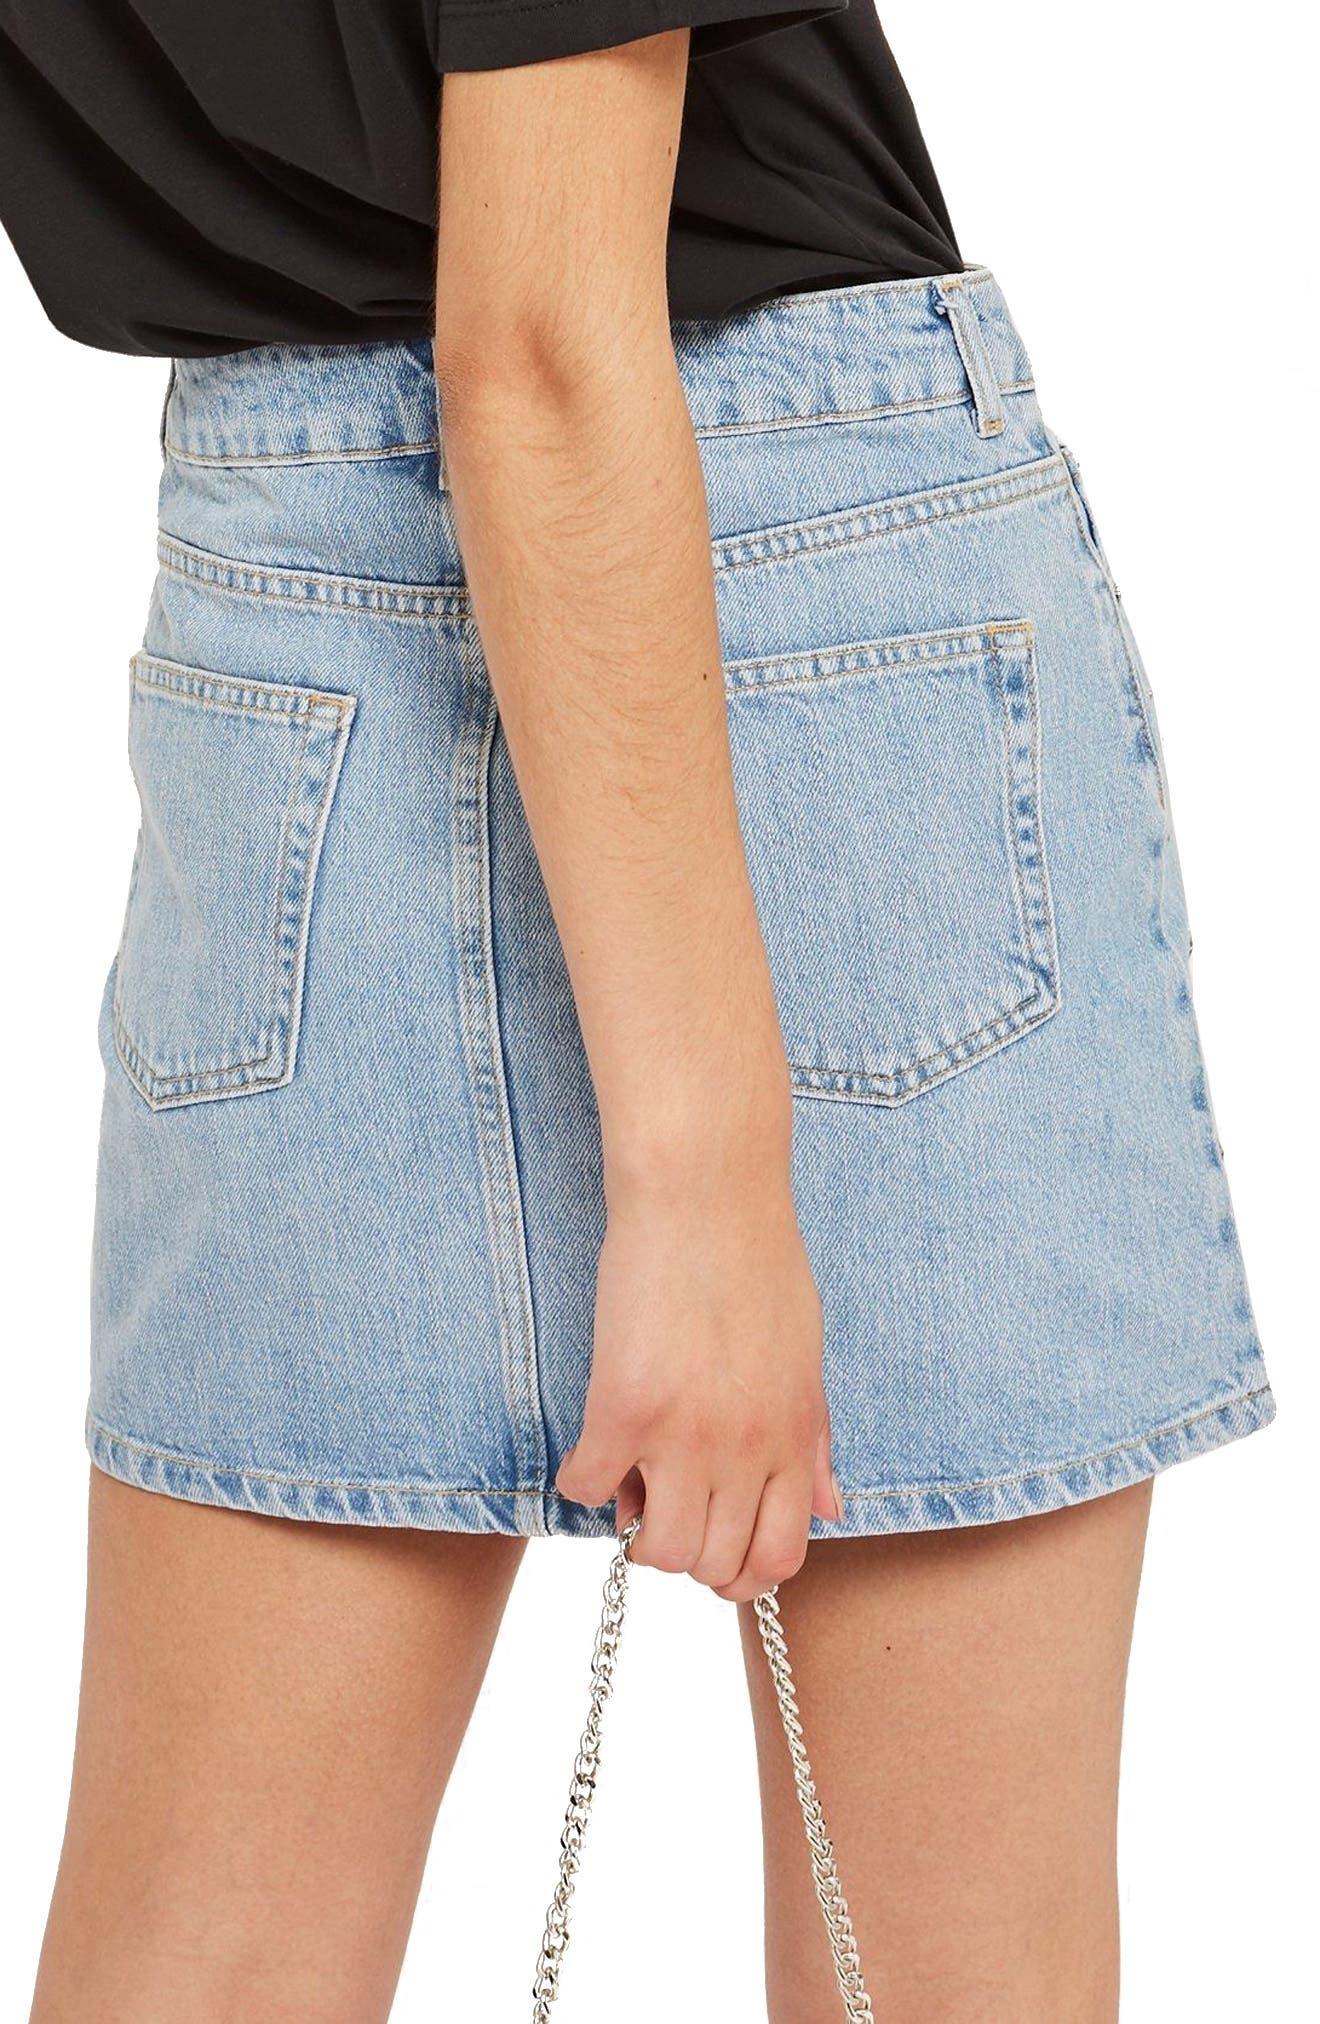 MOTO Star Studded High Waist Skirt,                             Alternate thumbnail 3, color,                             Mid Stone